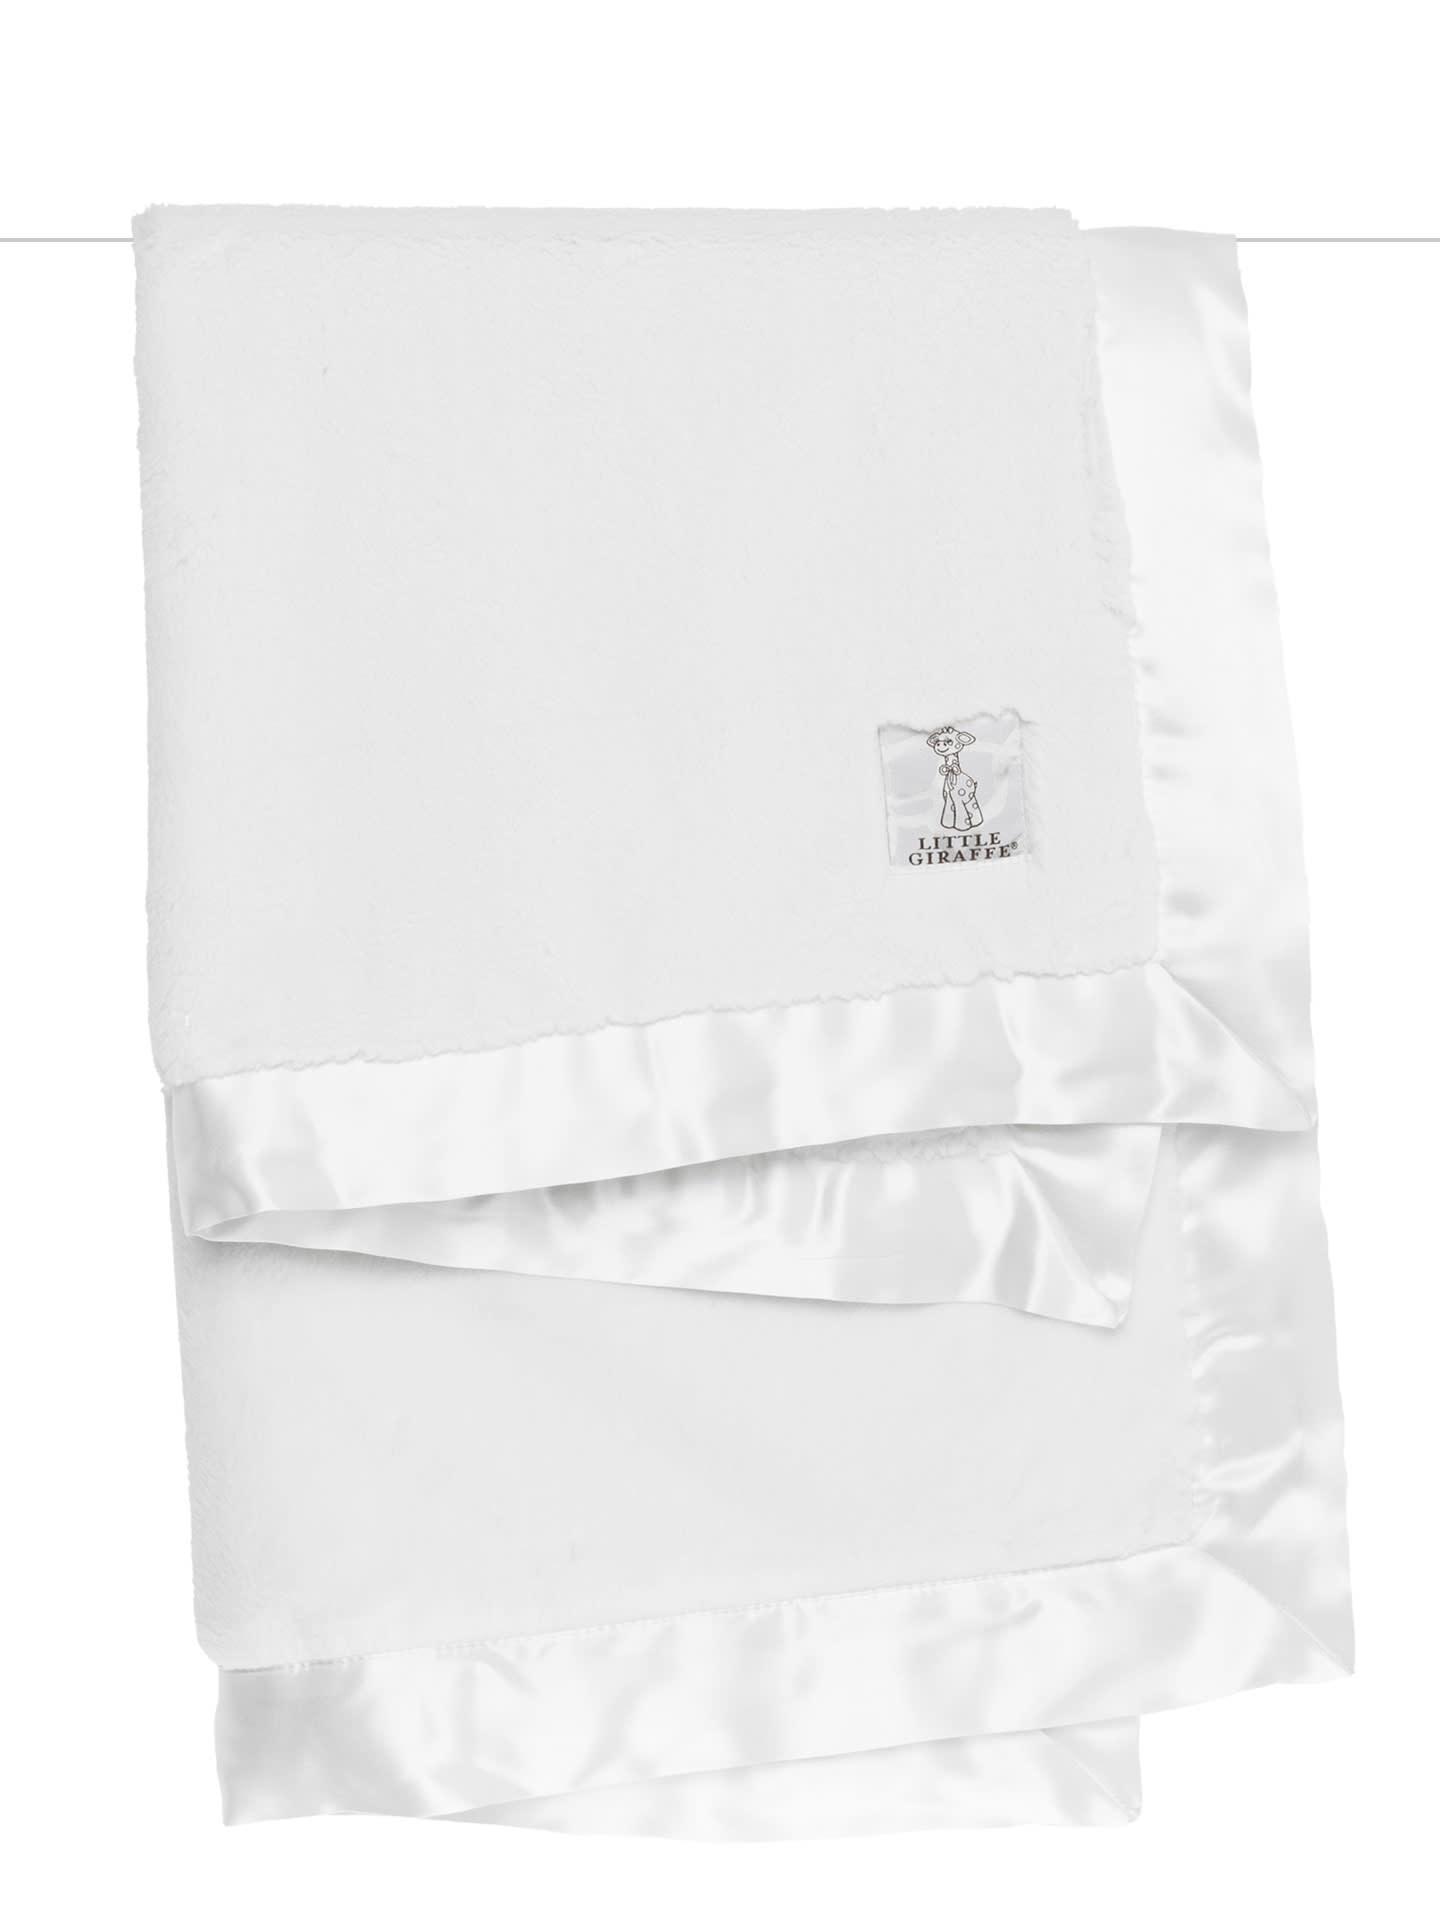 LITTLE GIRAFFE Luxe Solid Blanket